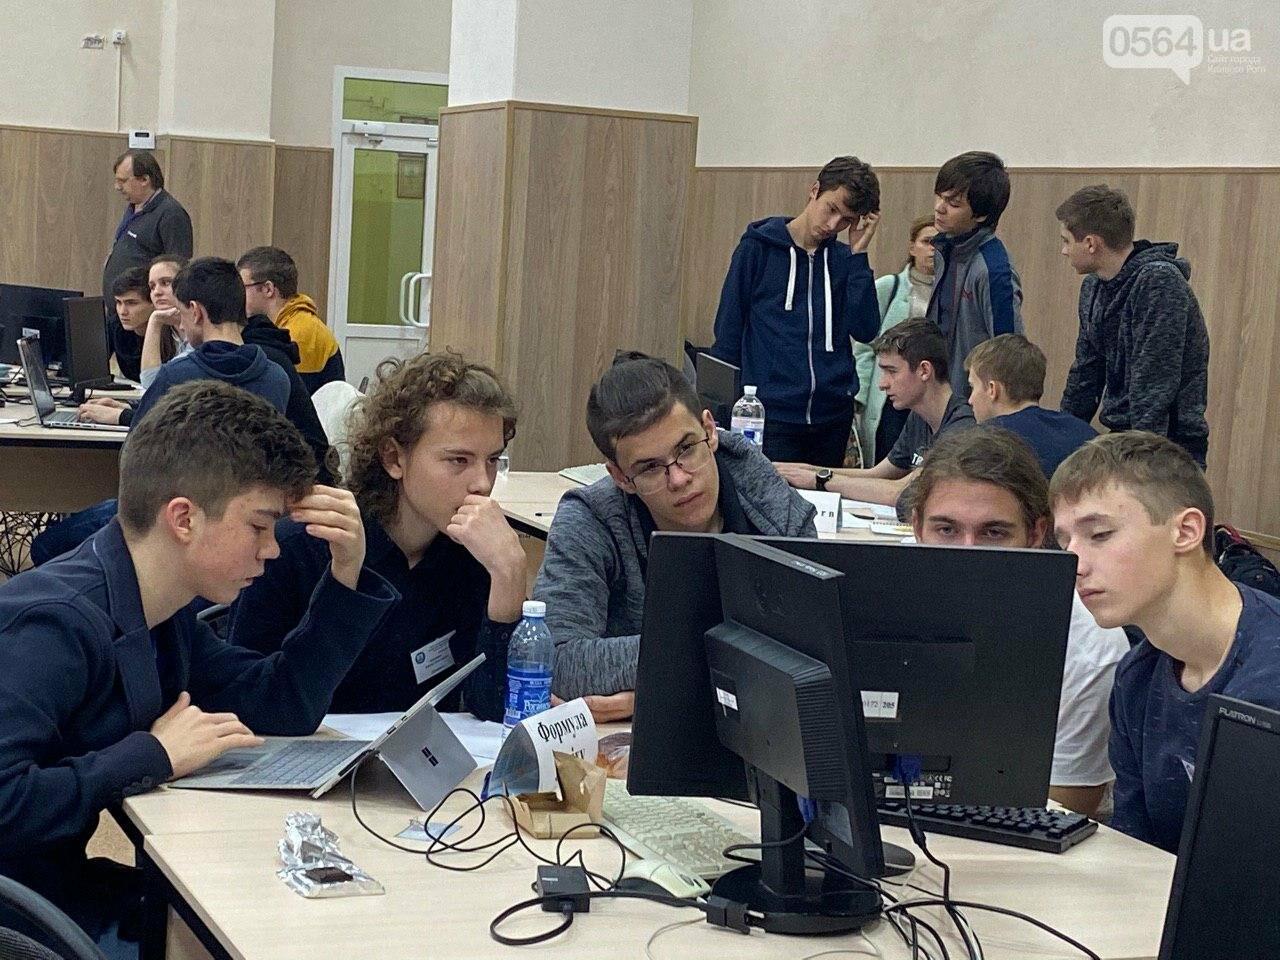 Впервые в Кривом Роге проходит Всеукраинский турнир юных информатиков, - ФОТО, фото-14